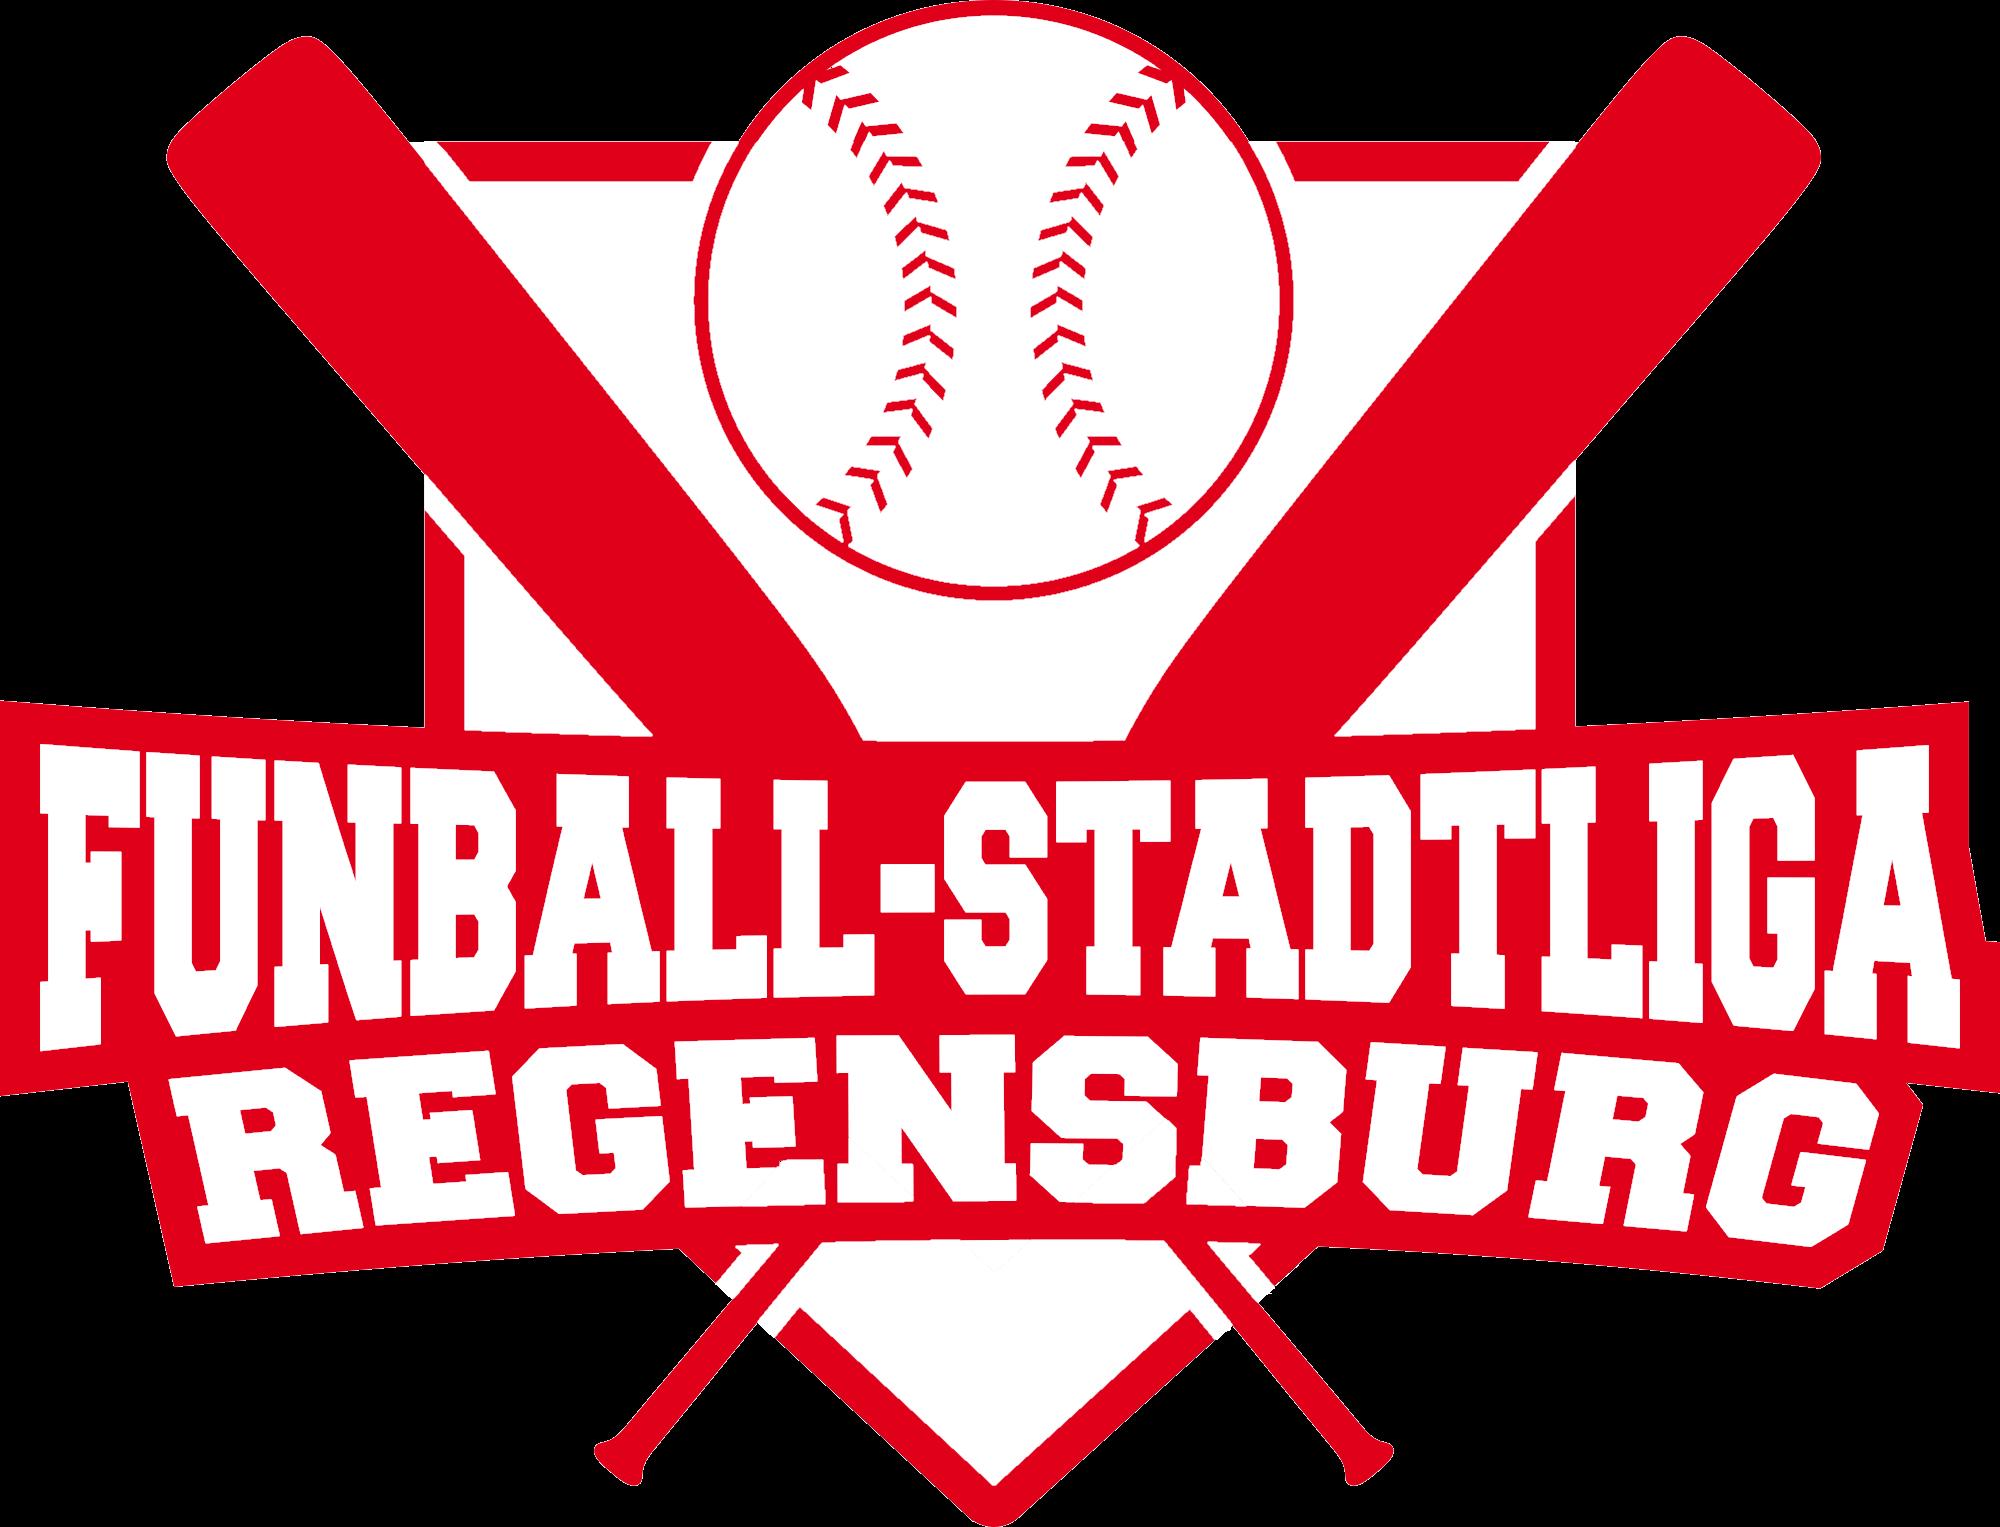 Funball Stadtliga Regensburg